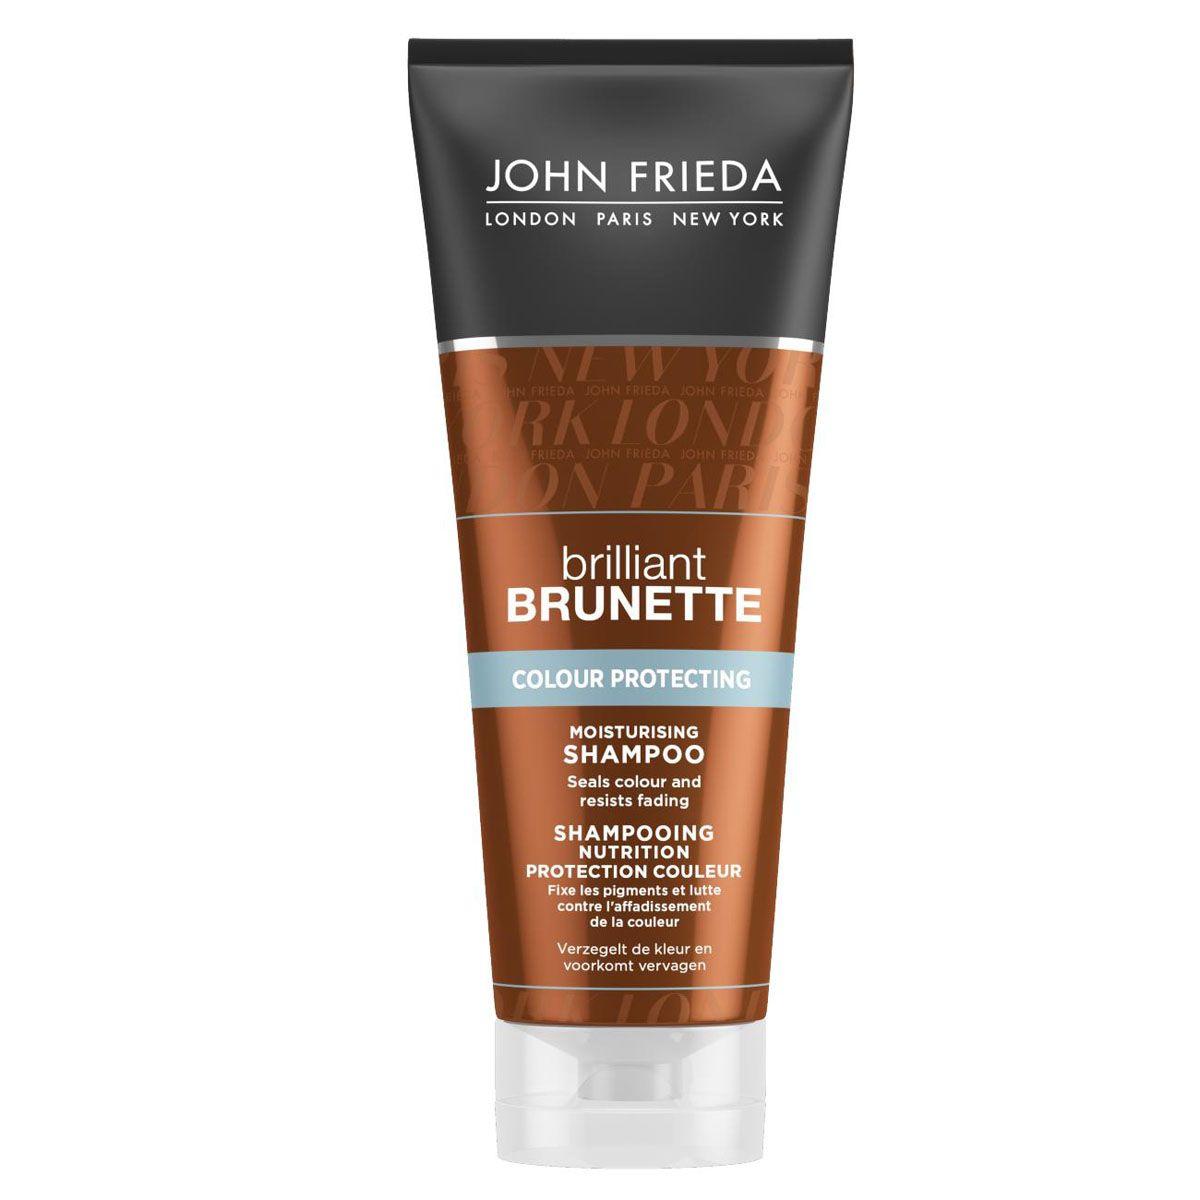 John Frieda Увлажняющий шампунь для защиты цвета темных волос Brilliant Brunette COLOUR PROTECTING 250 млSatin Hair 7 BR730MNЗакрепляет цвет и поддерживает его интенсивность. Сохраните красоту и стойкость цвета волос. Увлажняющий шампунь поможет защитить и сохранить цвет темных волос, компенсируя недостающую влагу сухим и окрашенным темным волосам.